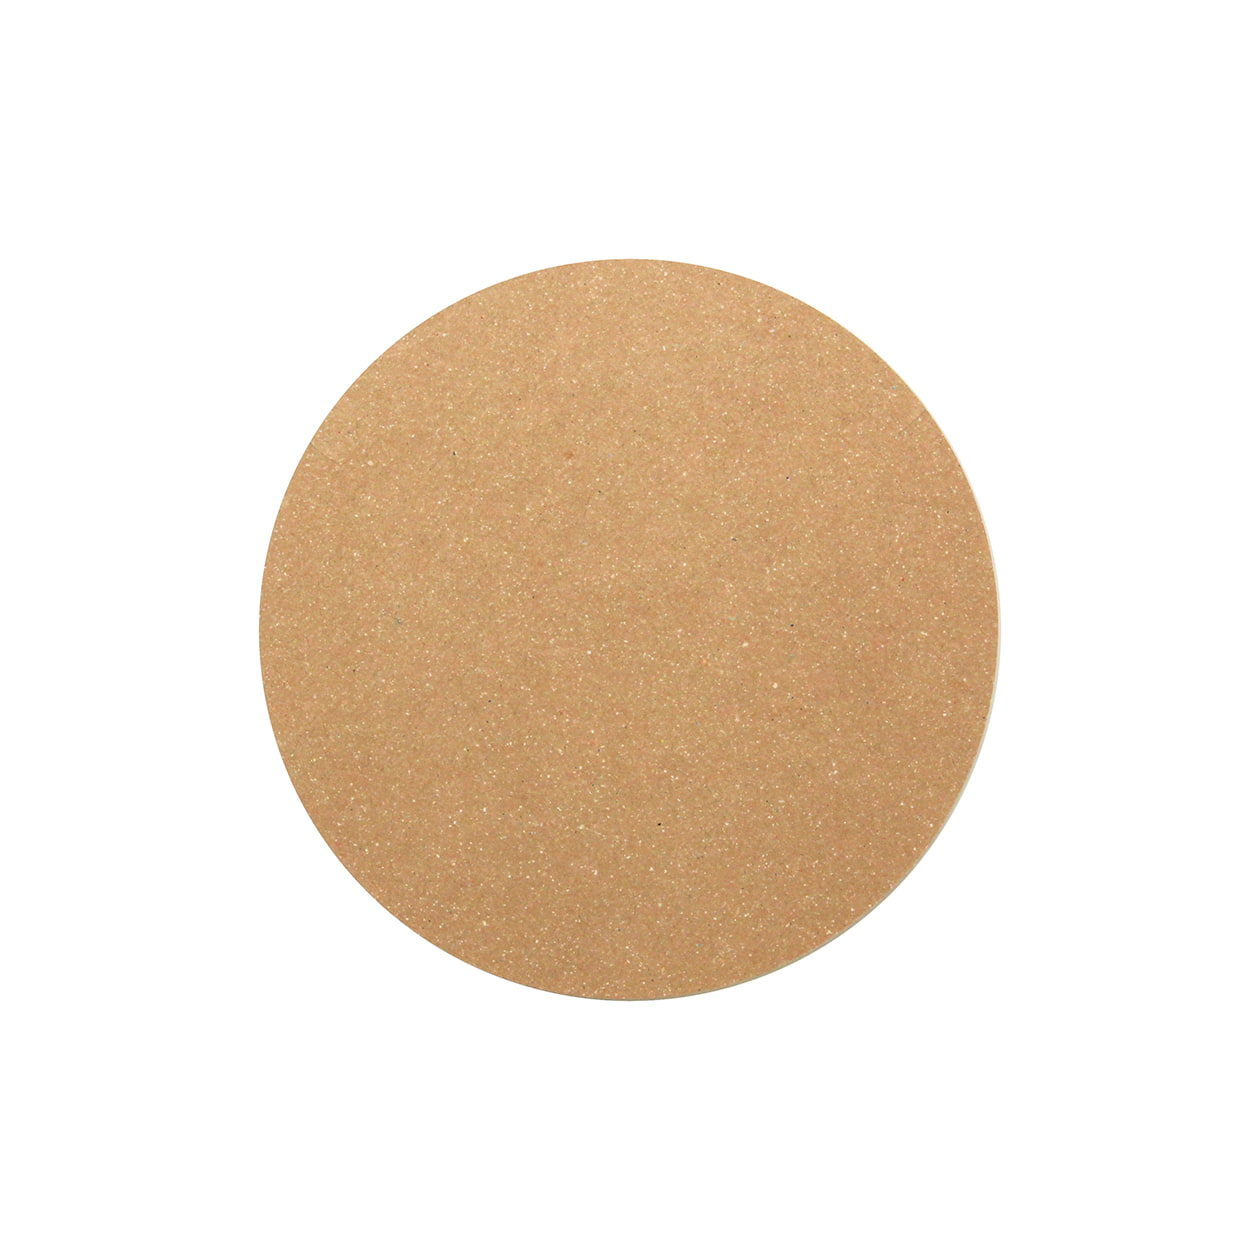 サンプル カード・シート 00199